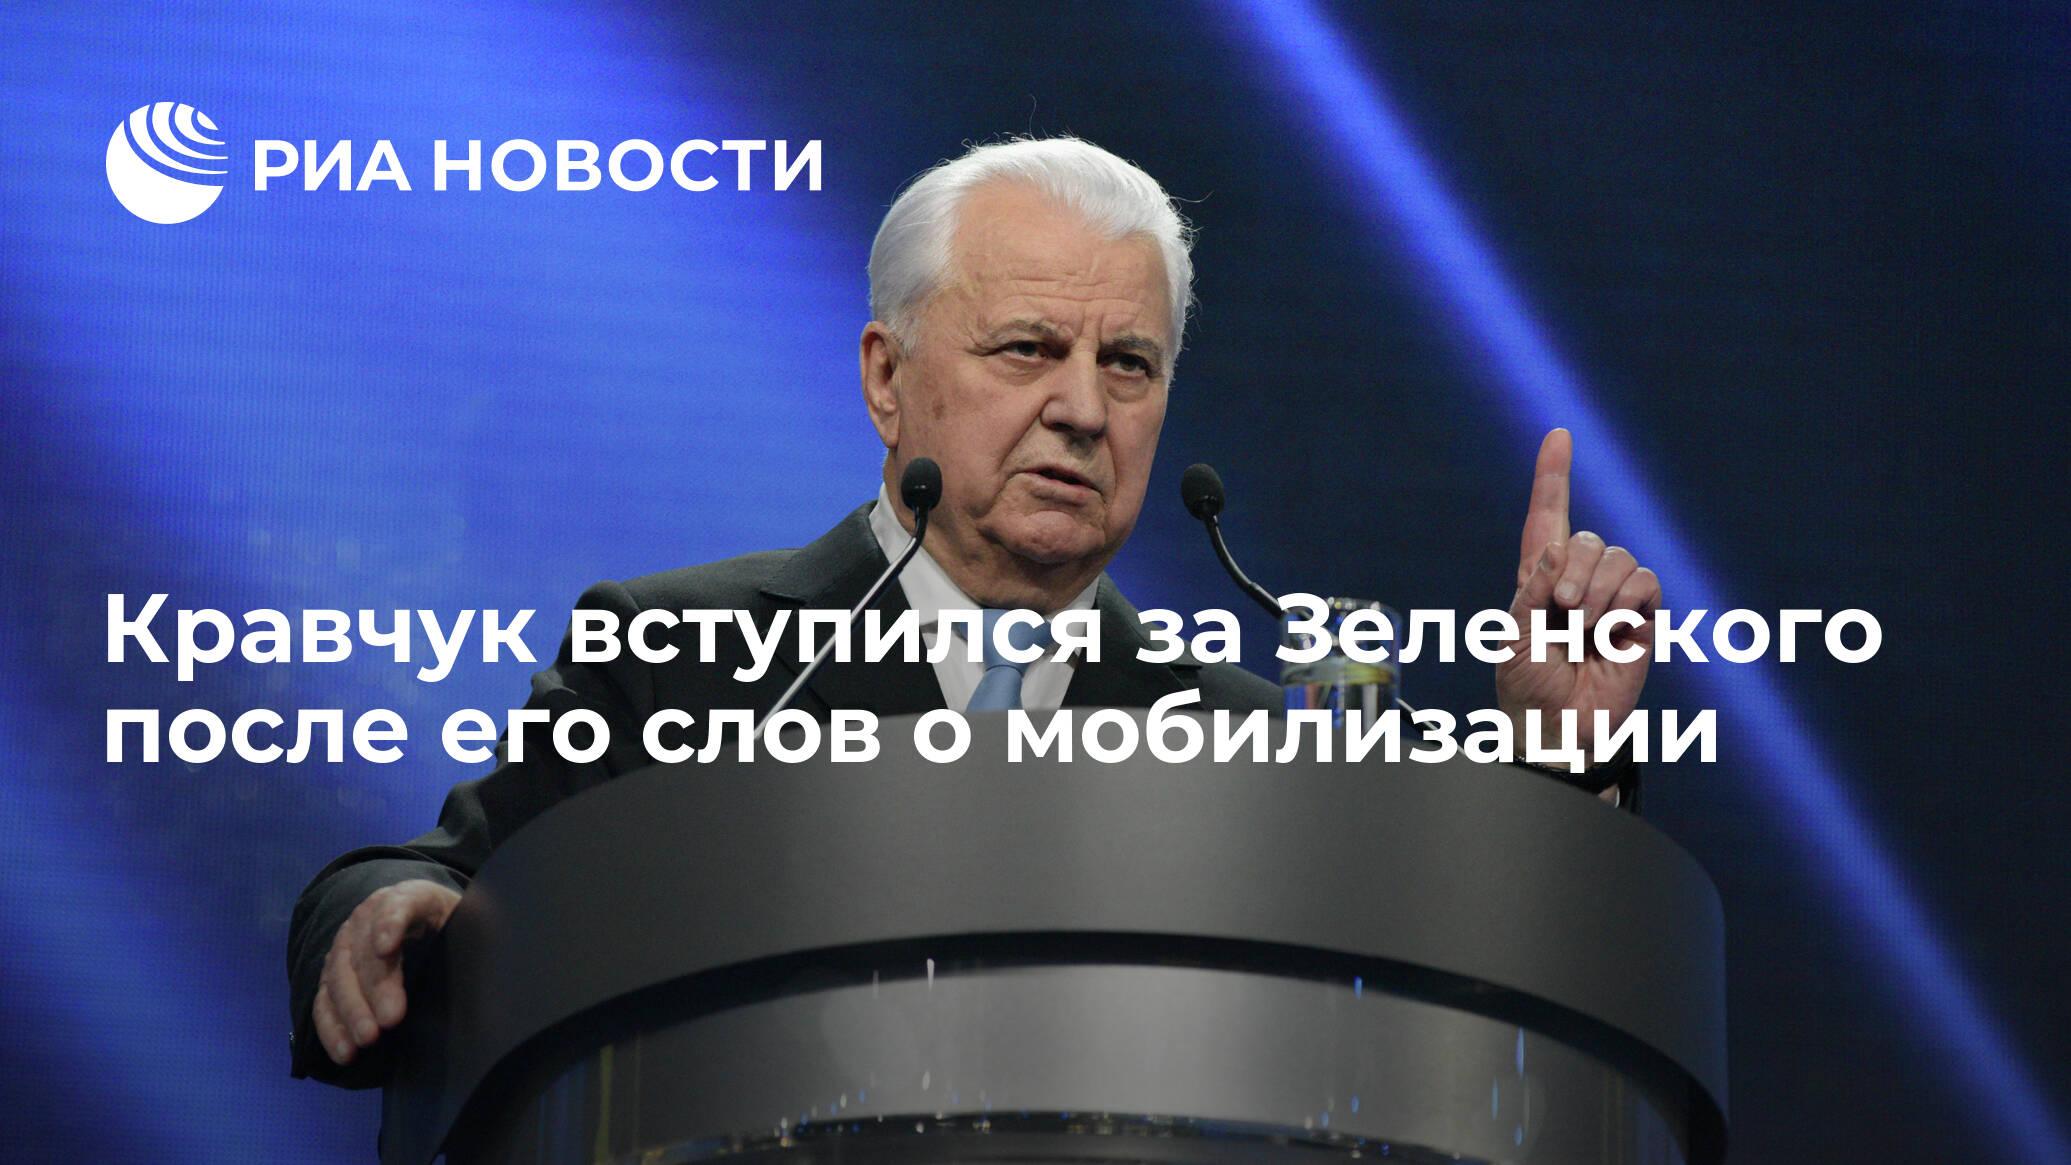 Кравчук вступился за Зеленского после его слов о мобилизации